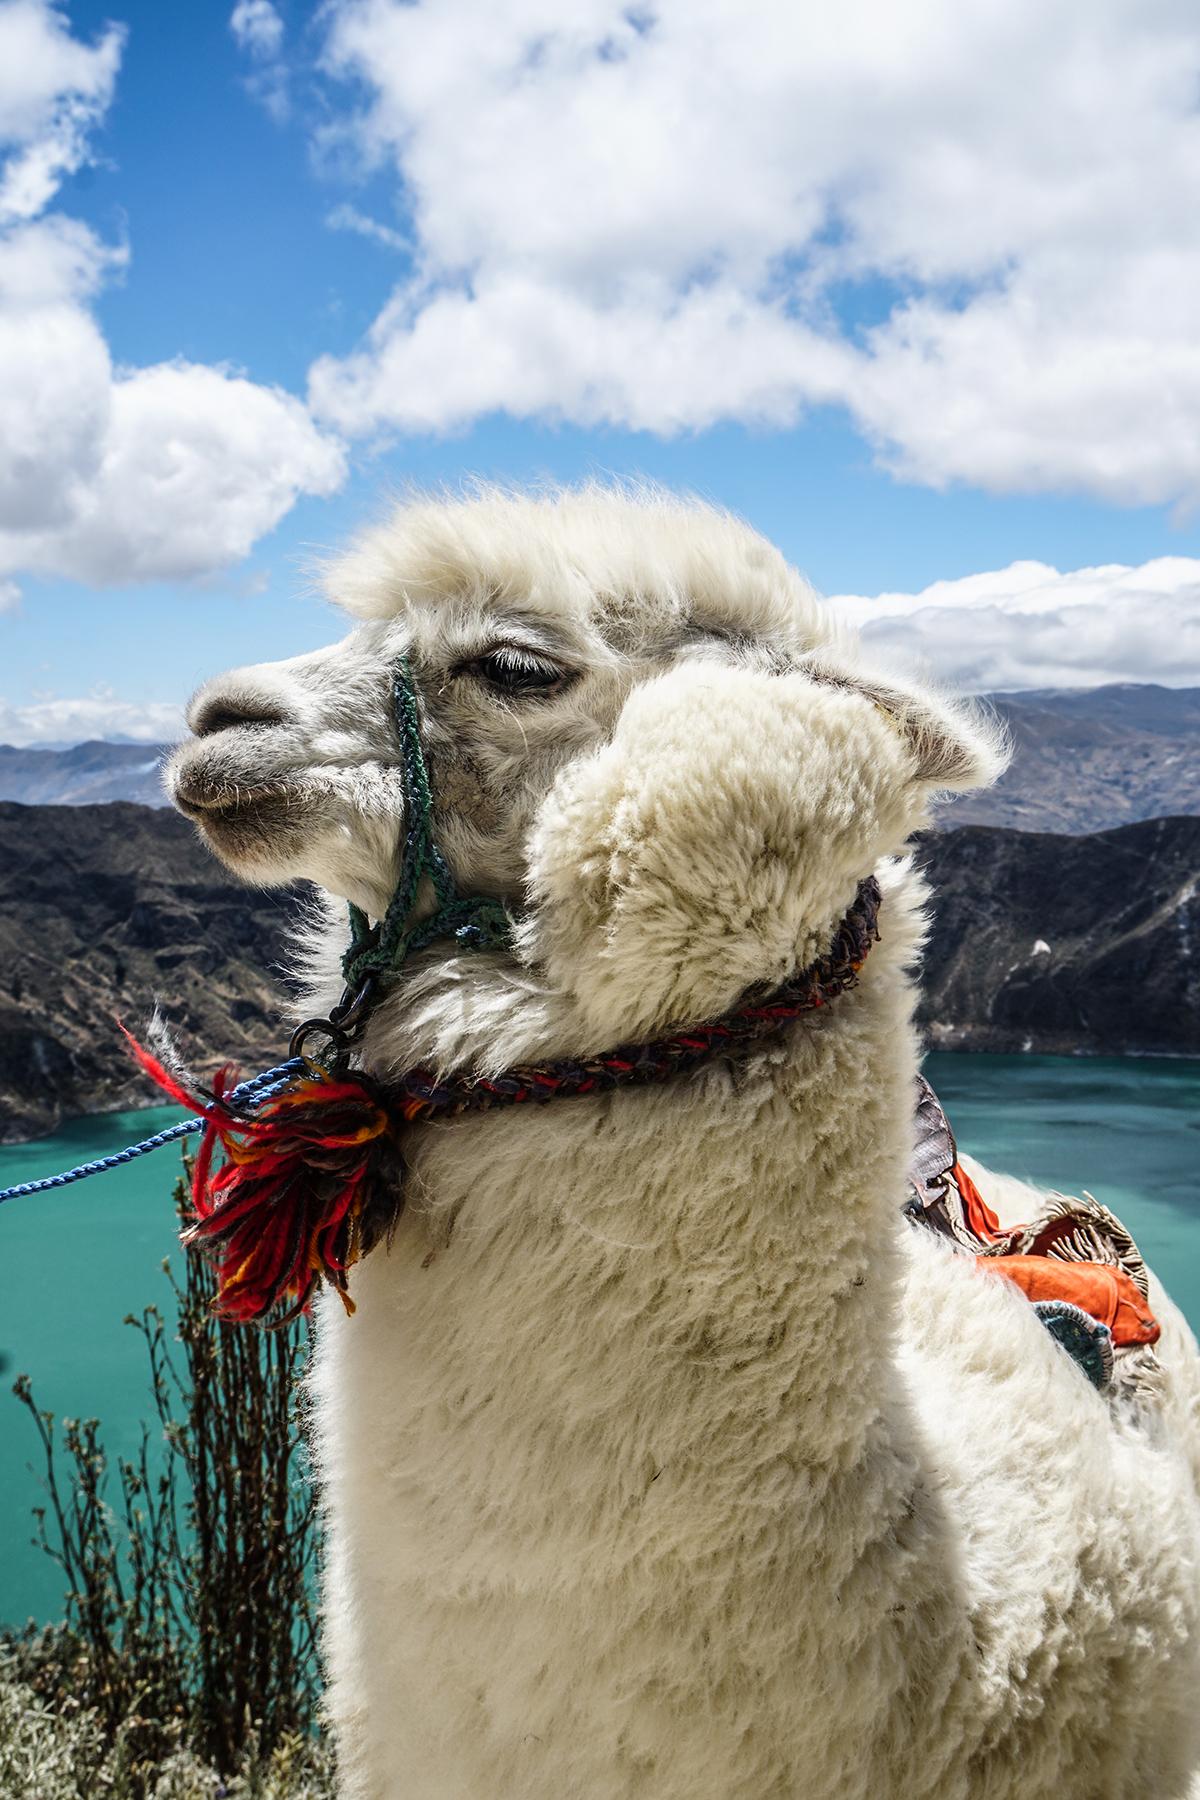 resa till ecuador